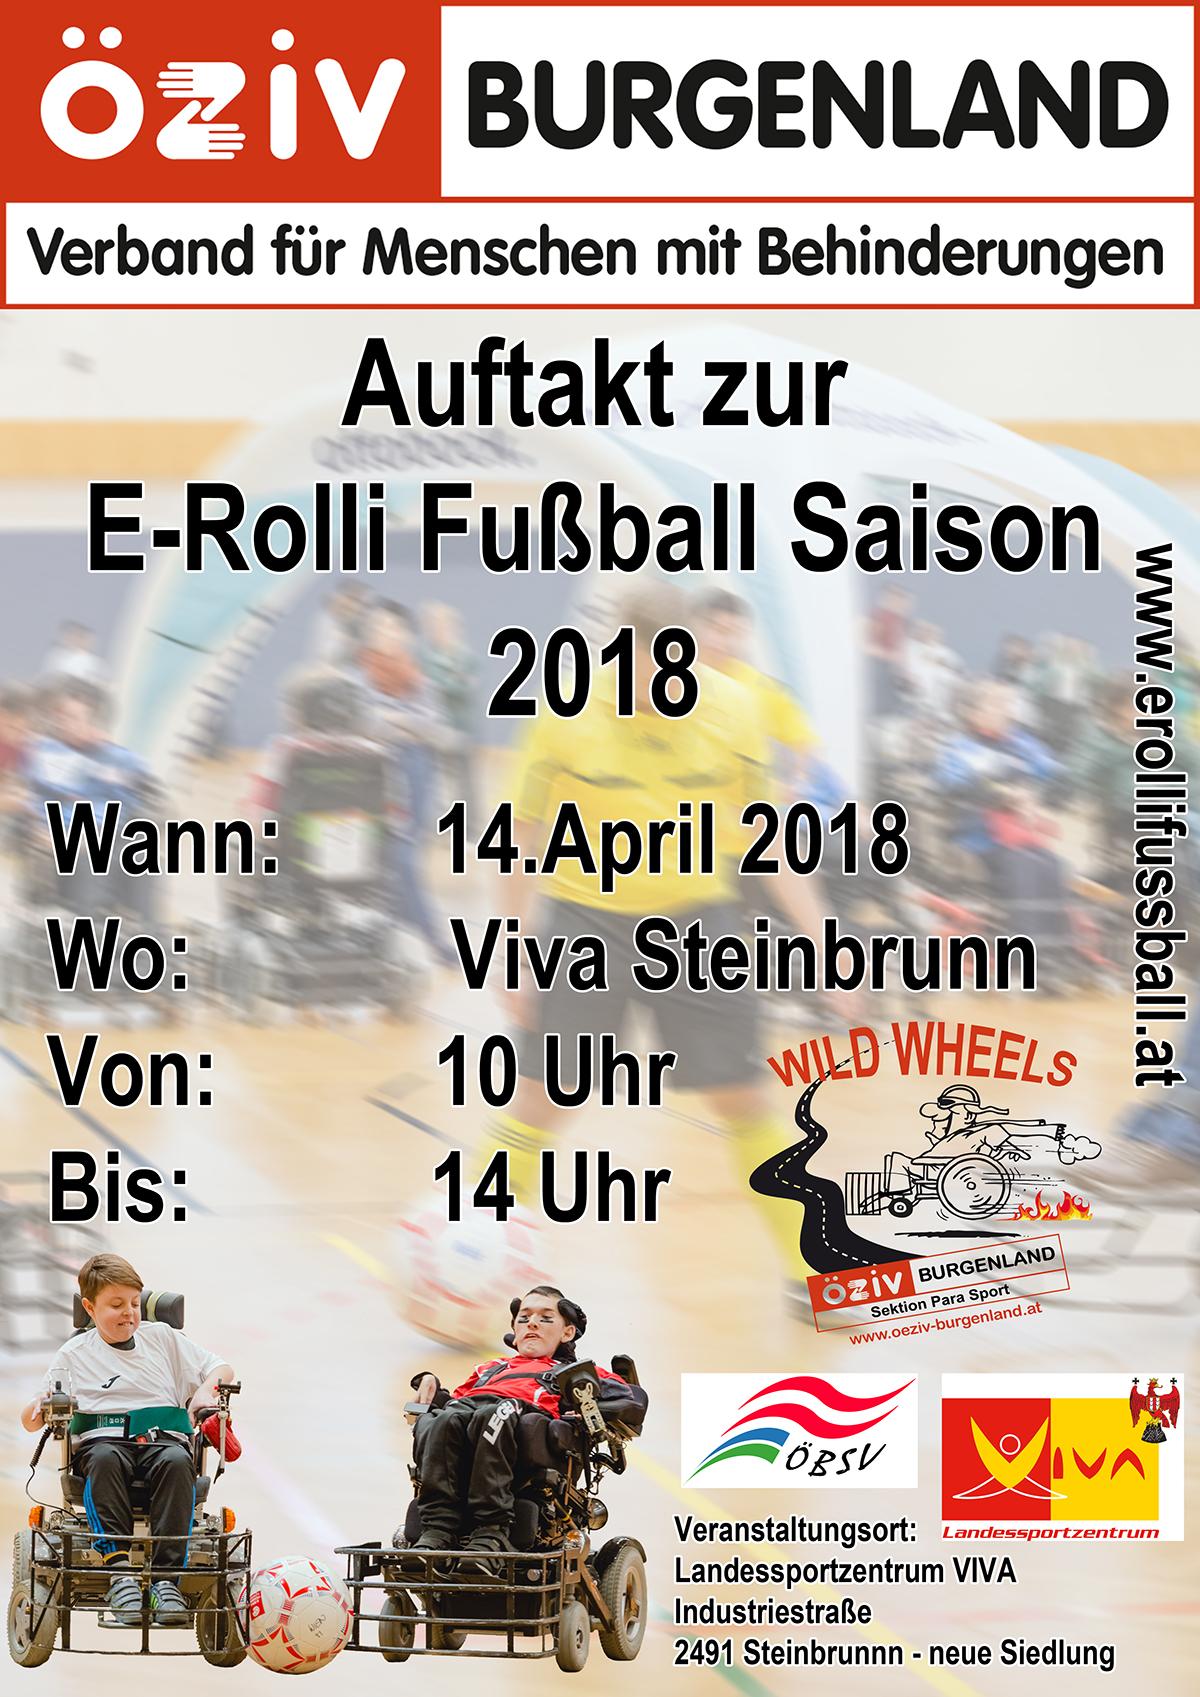 Einladung zum Auftakt zur E-Rolli Fußball Saison 2018 in Steinbrunn